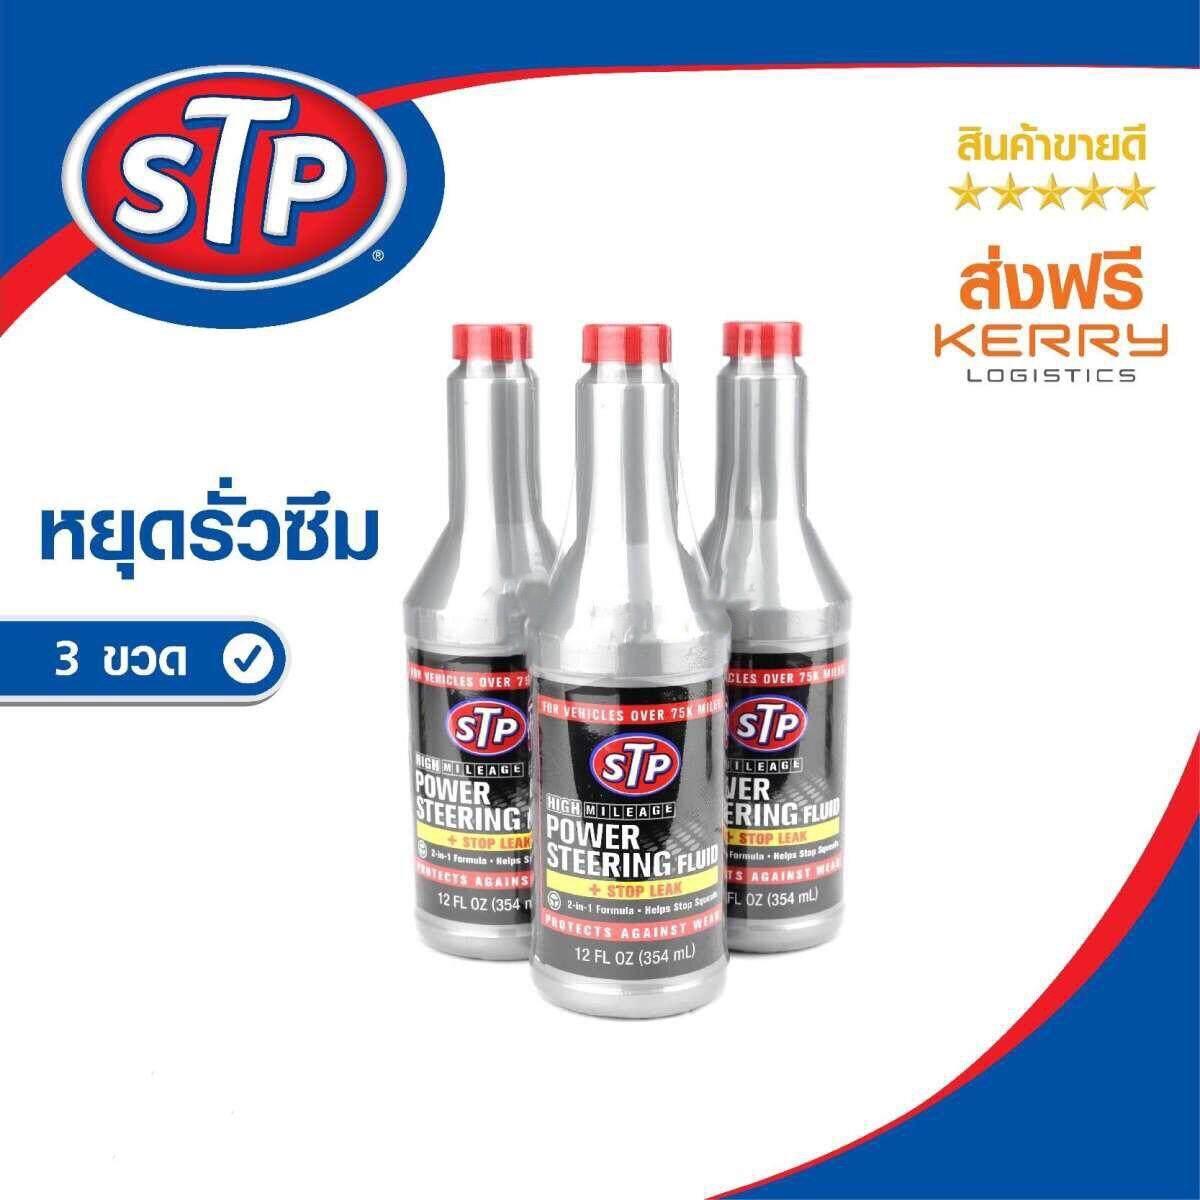 ขายดีมาก! ขายดีมาก STP น้ำมันพาวเวอร์สูตรหยุดการรั่วซึม ขนาด 354 มิลลิลิตร STP Power Steering Fluid + stop leak 354ml ซื้อ 3ขวด ราคาพิเศษ ส่งฟรี KERRY !!